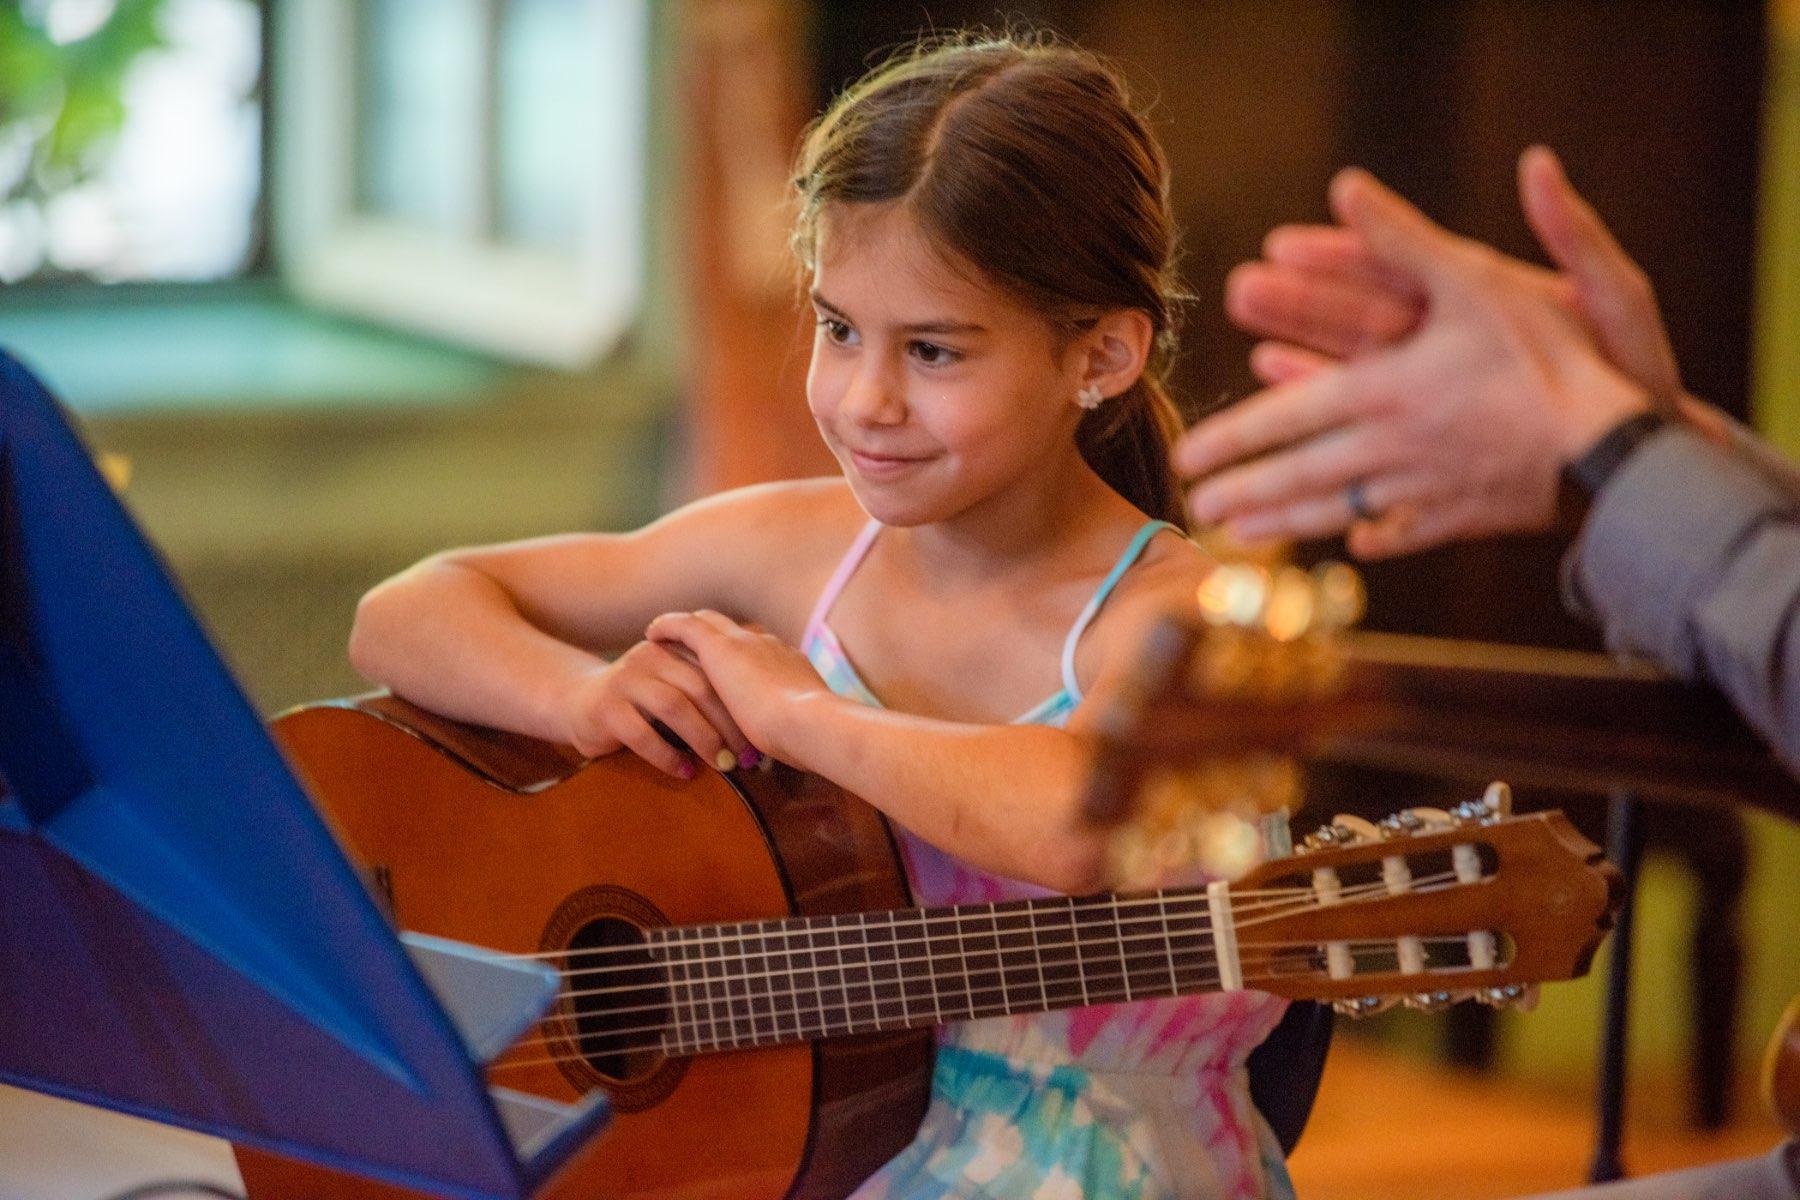 A student plays guitar, close up image.